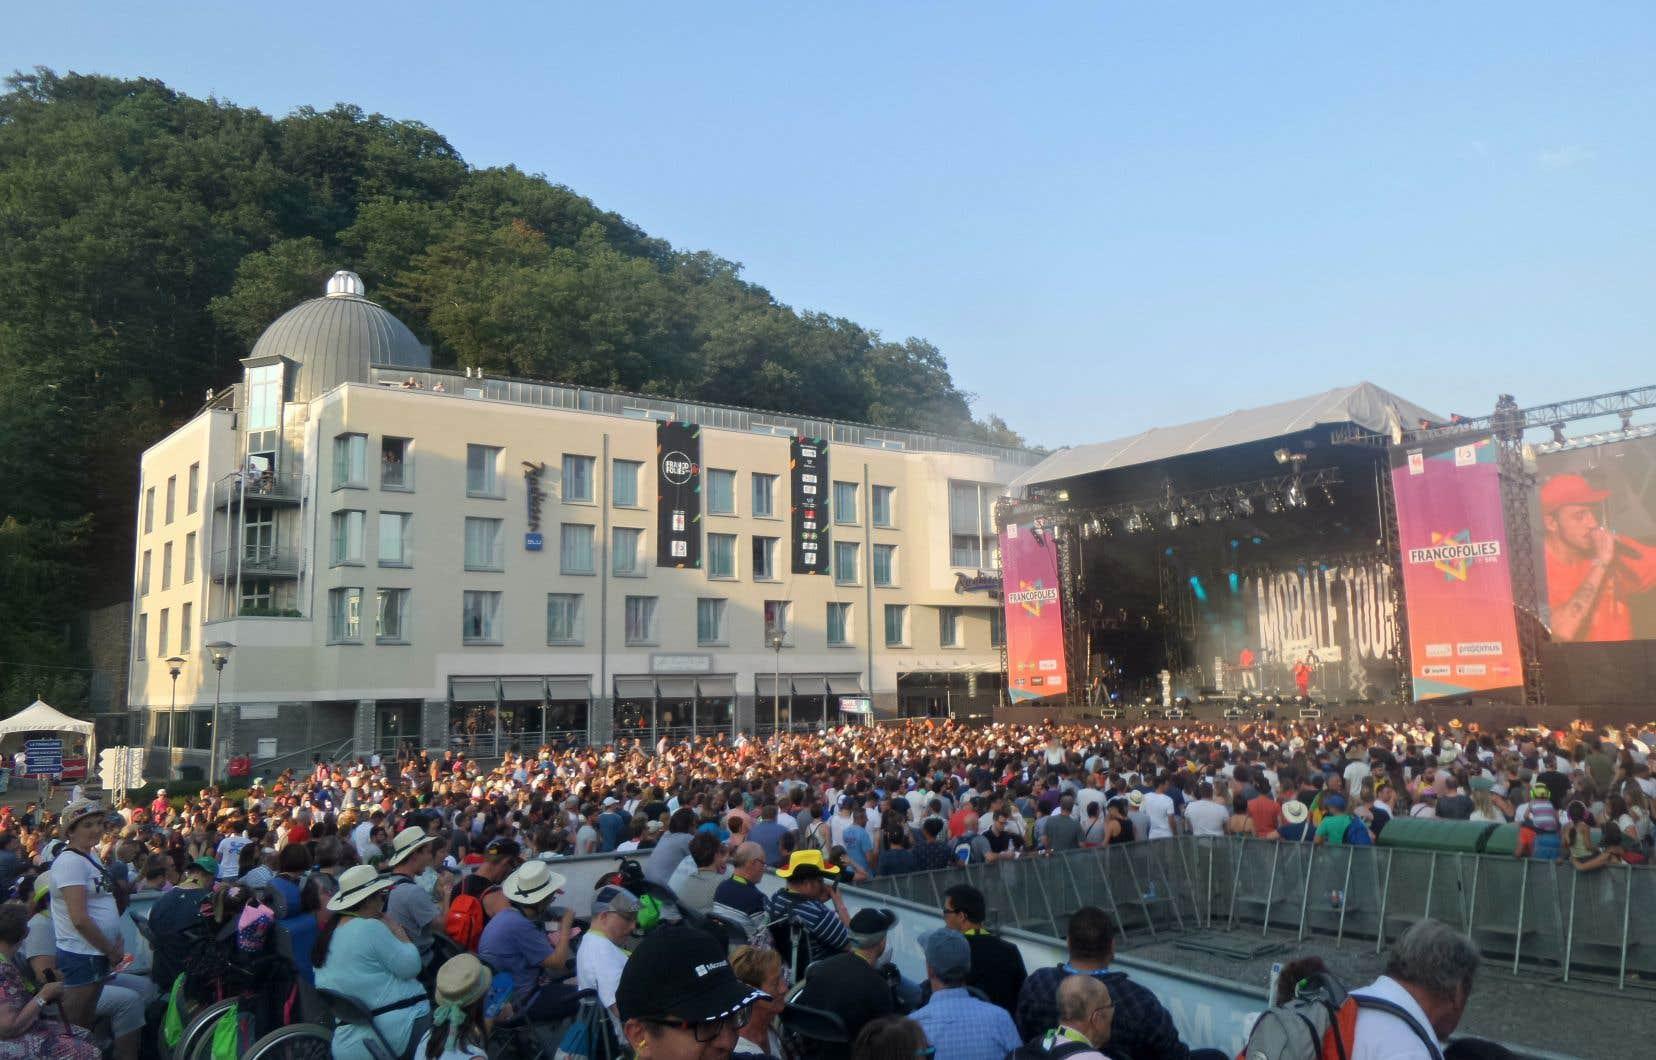 Cette année, tous les spectacles ont été regroupés en un seul endroit afin de réduire les coûts.